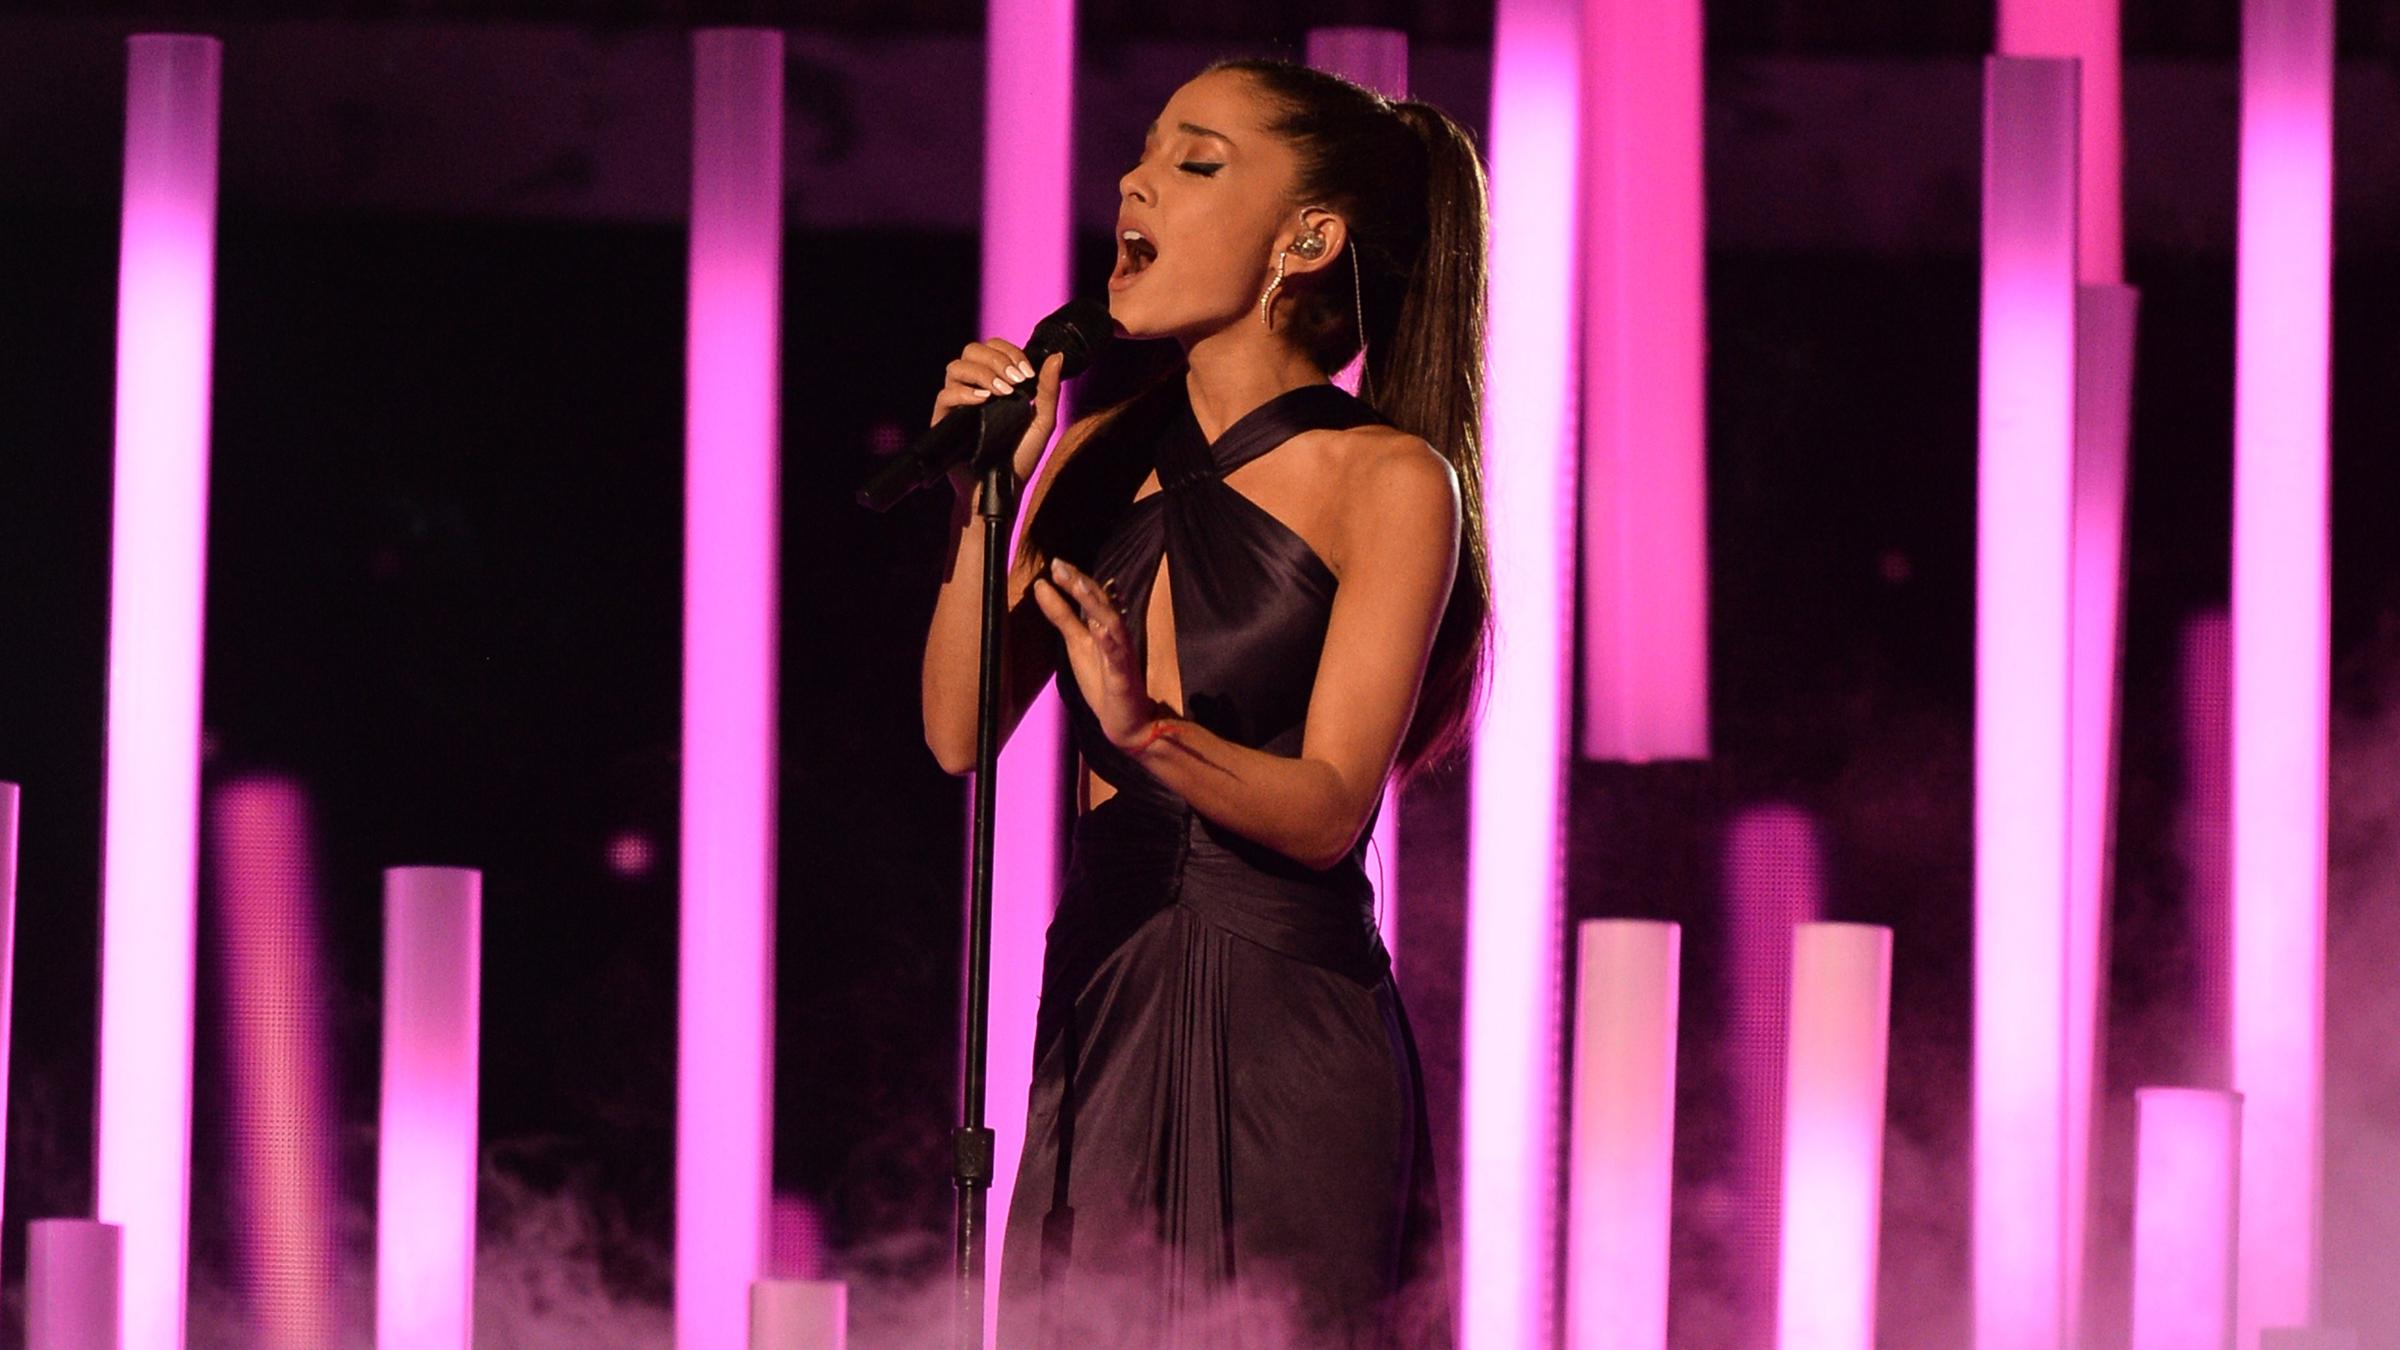 Ariana concert tease